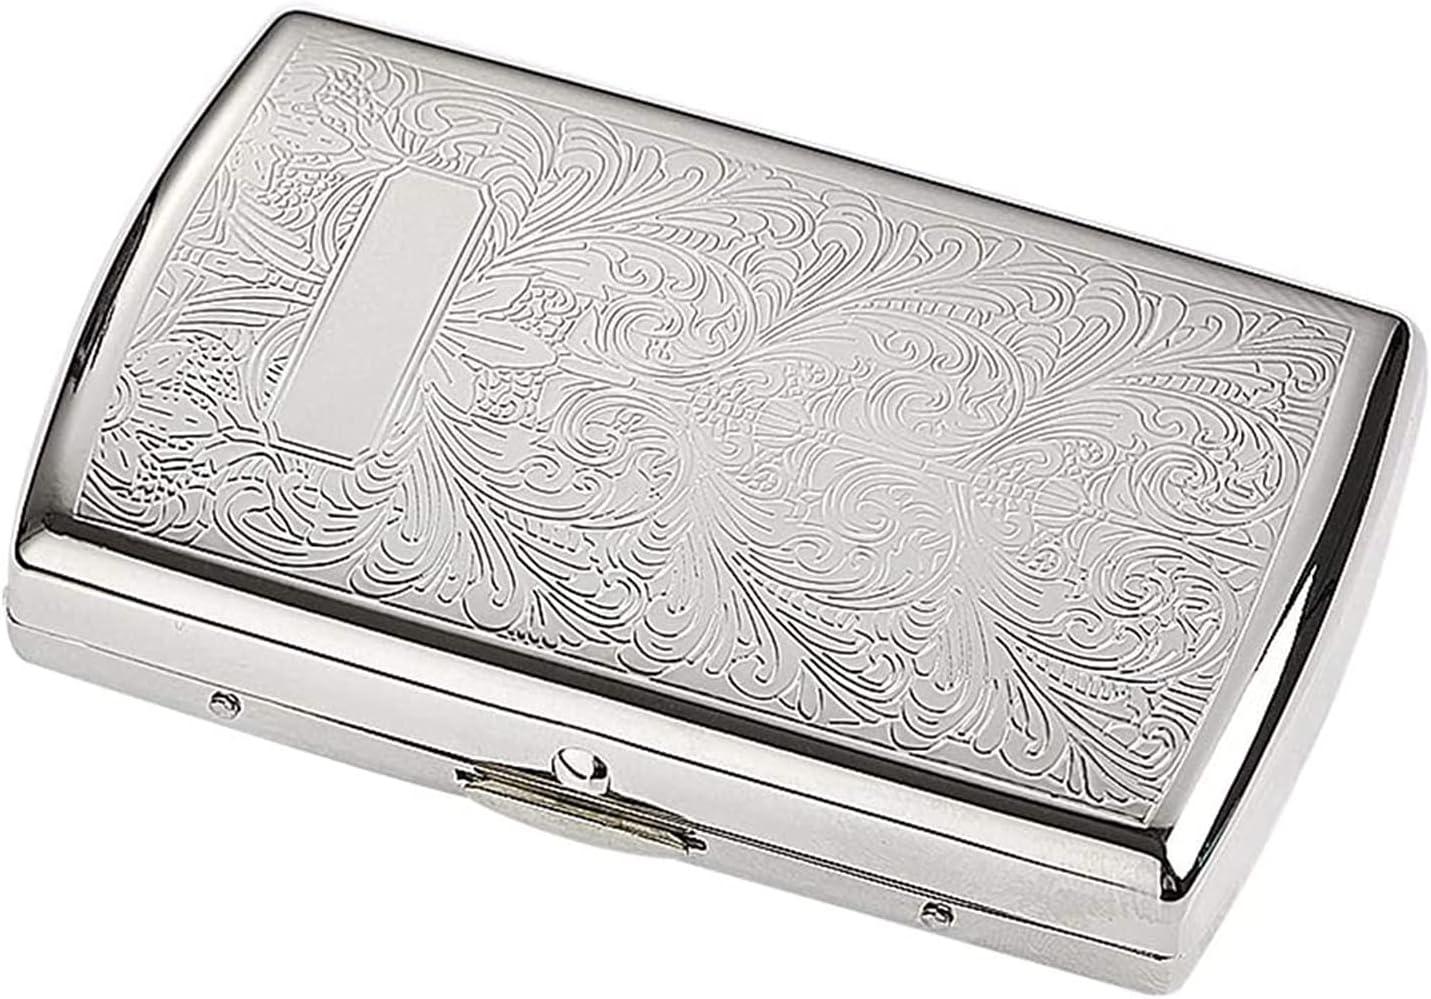 ZXNRTU At the price Cigarettes Box Silver Pure Vintage Copper Carved P Dallas Mall Design